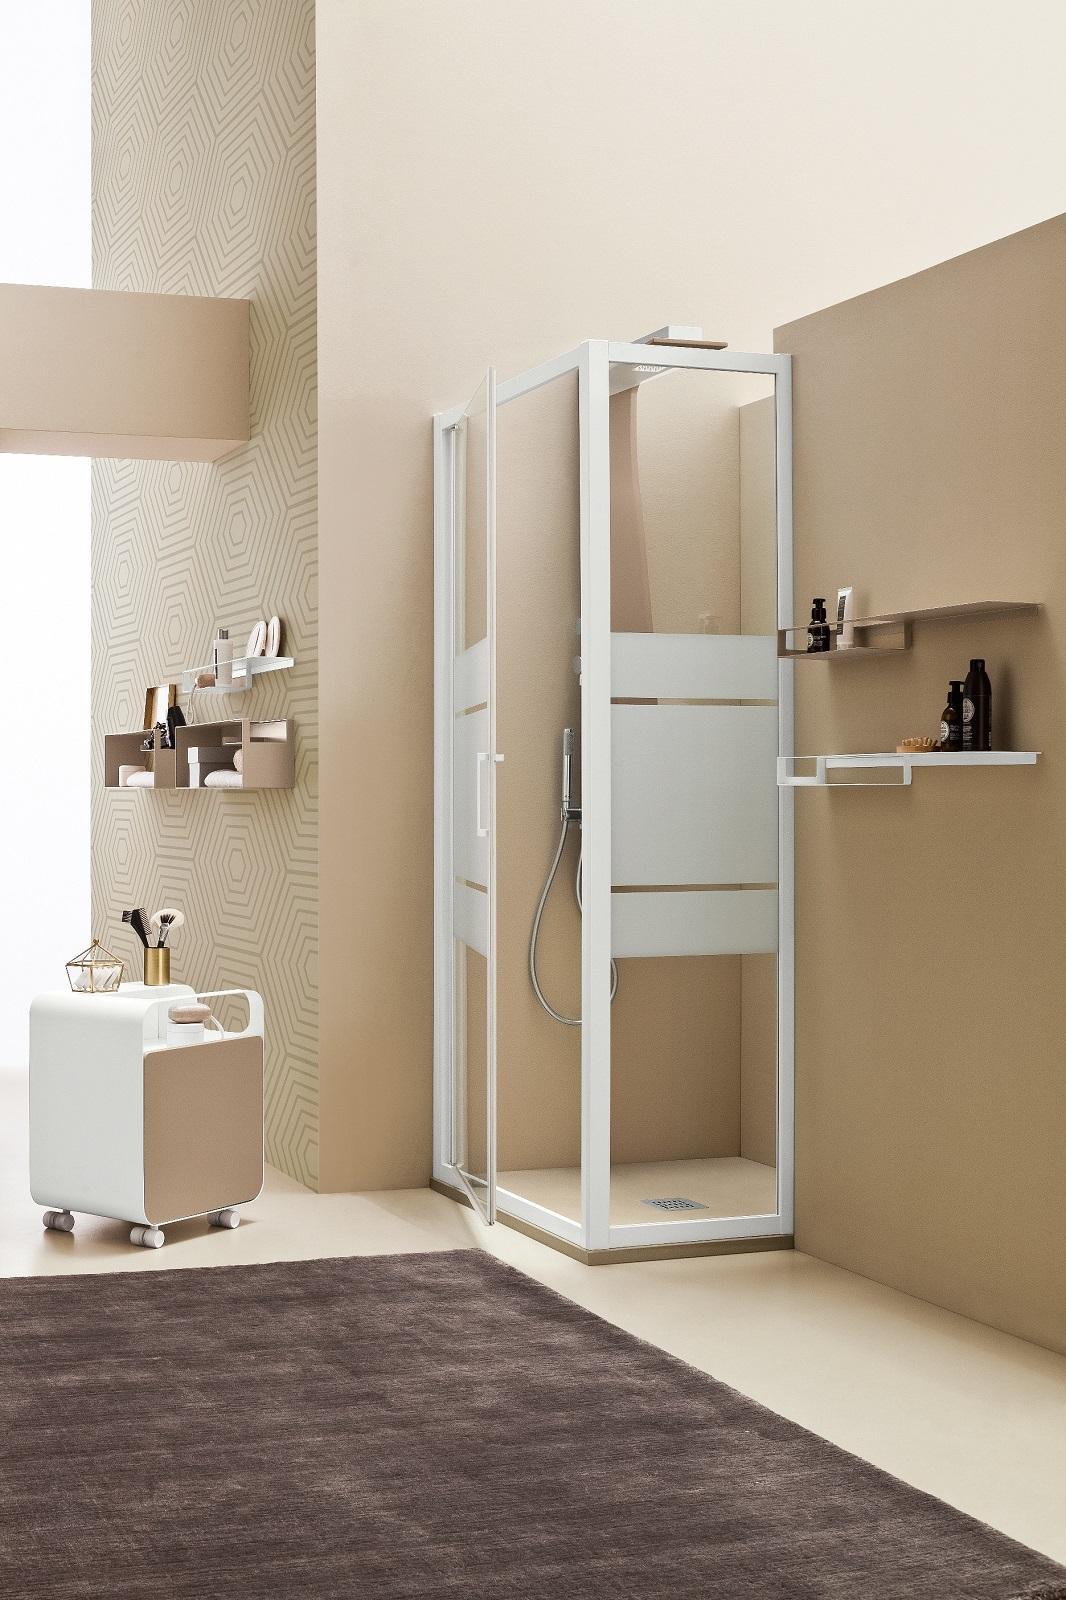 Bagno piccolo 25 soluzioni che semplificano la scelta cose di casa - Soluzioni bagno piccolo ...